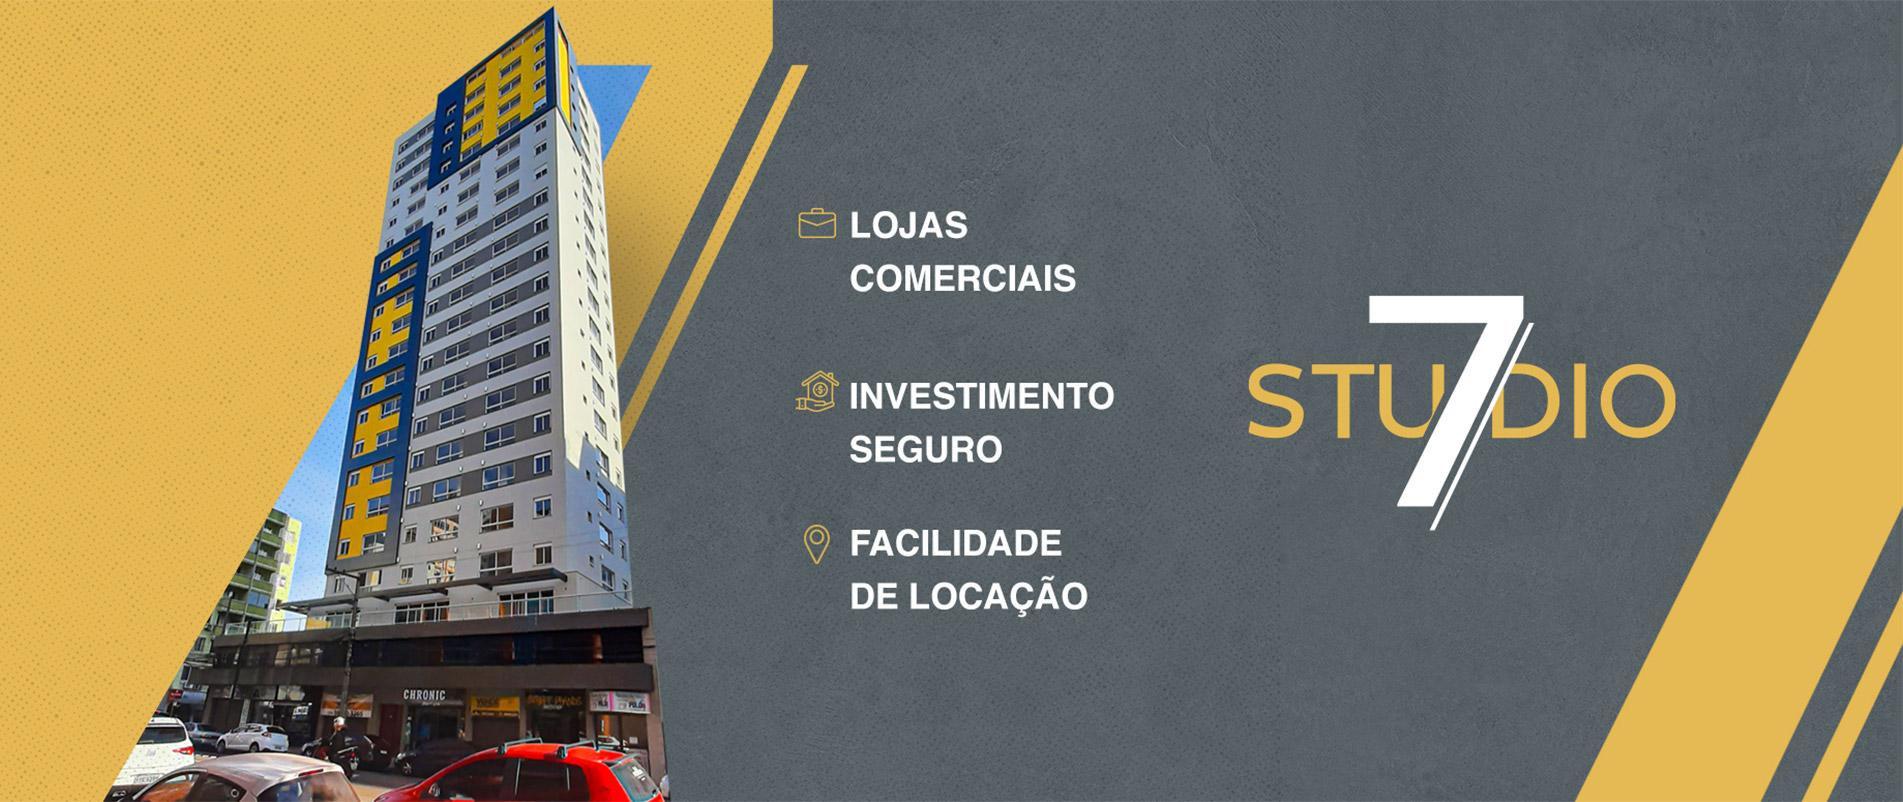 Lojas Comerciais Studio7